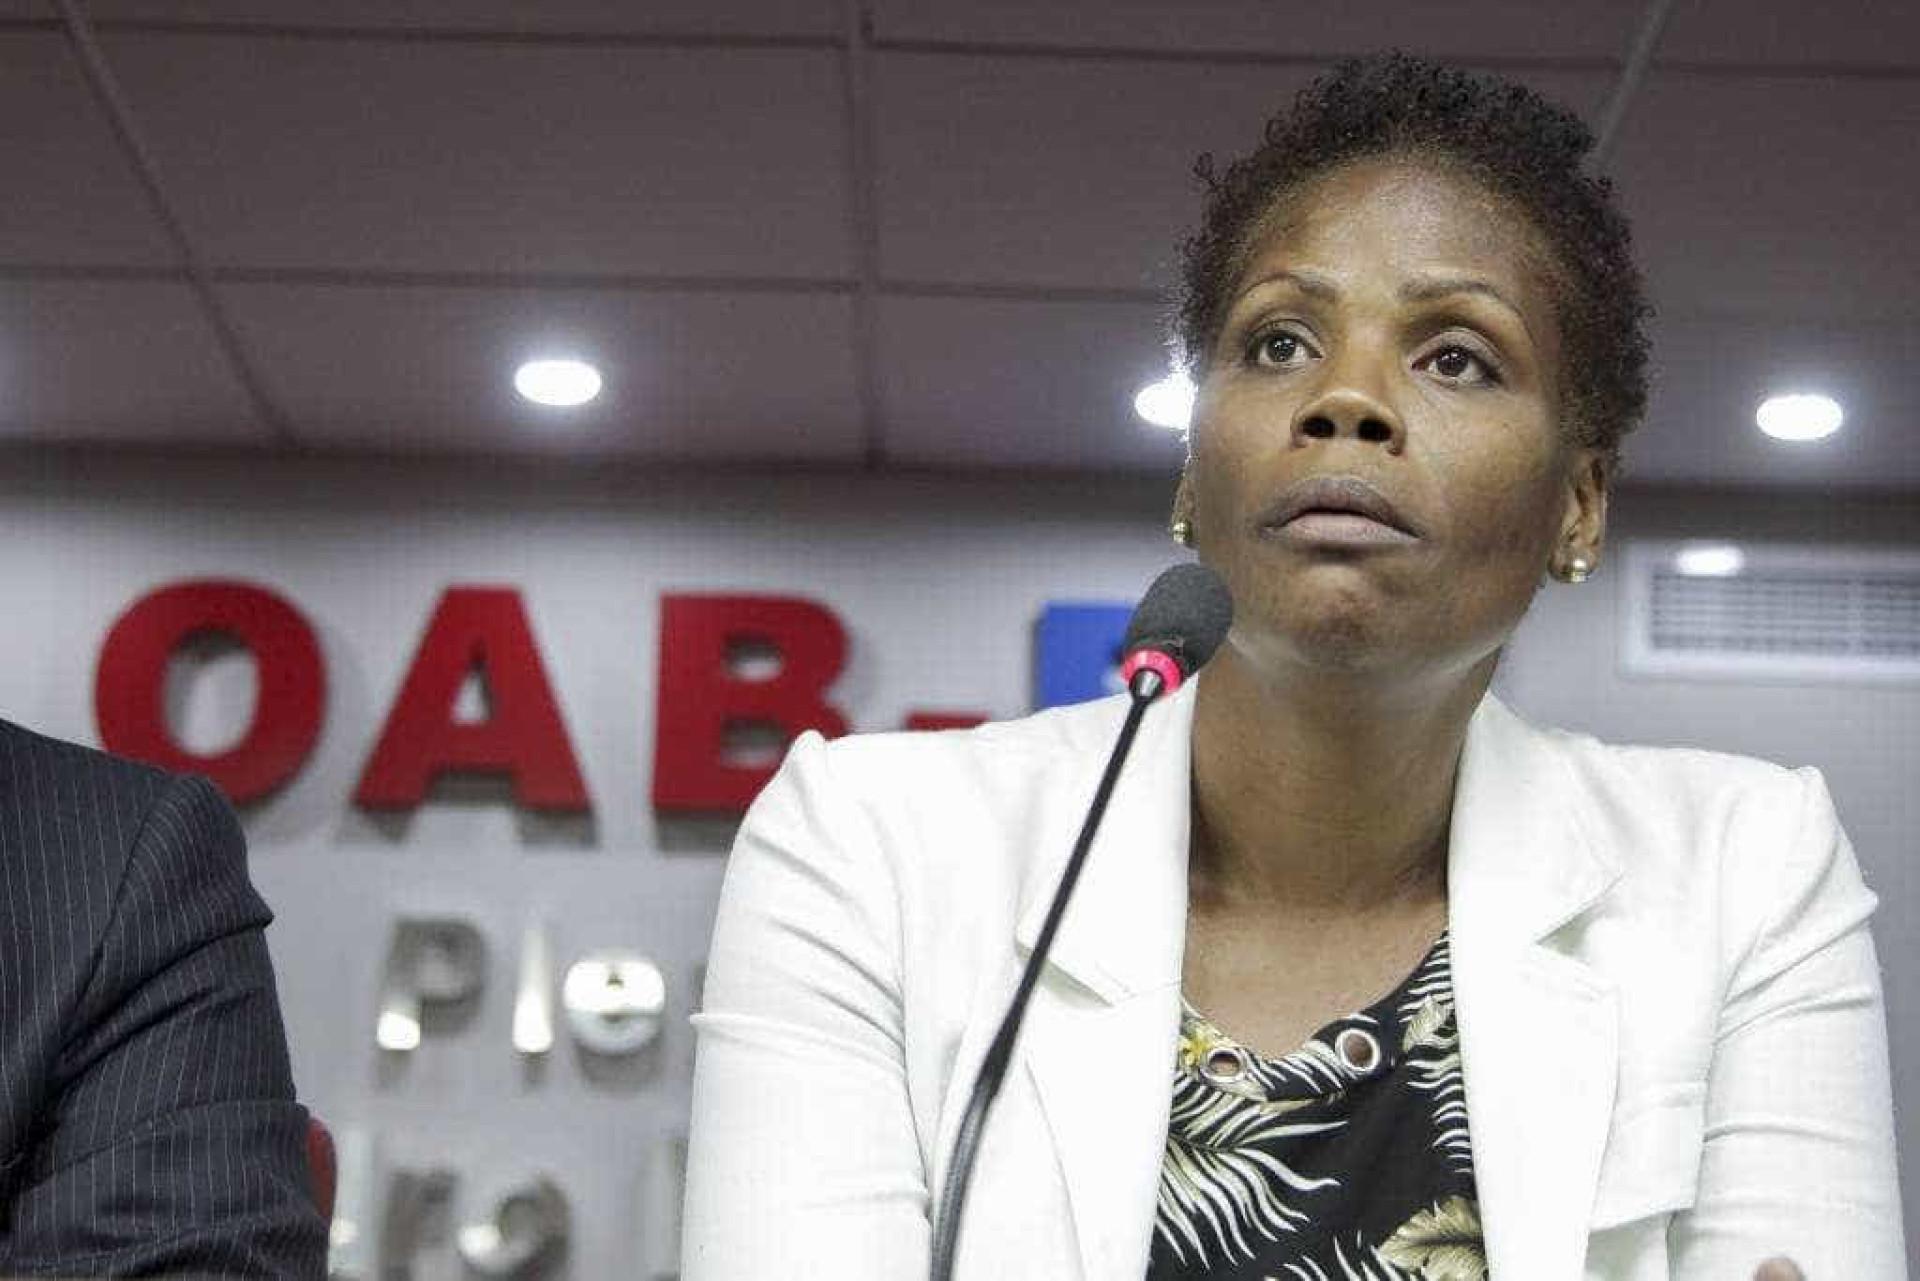 Advogada é algemada por PMs durante audiência judicial no Rio; vídeo